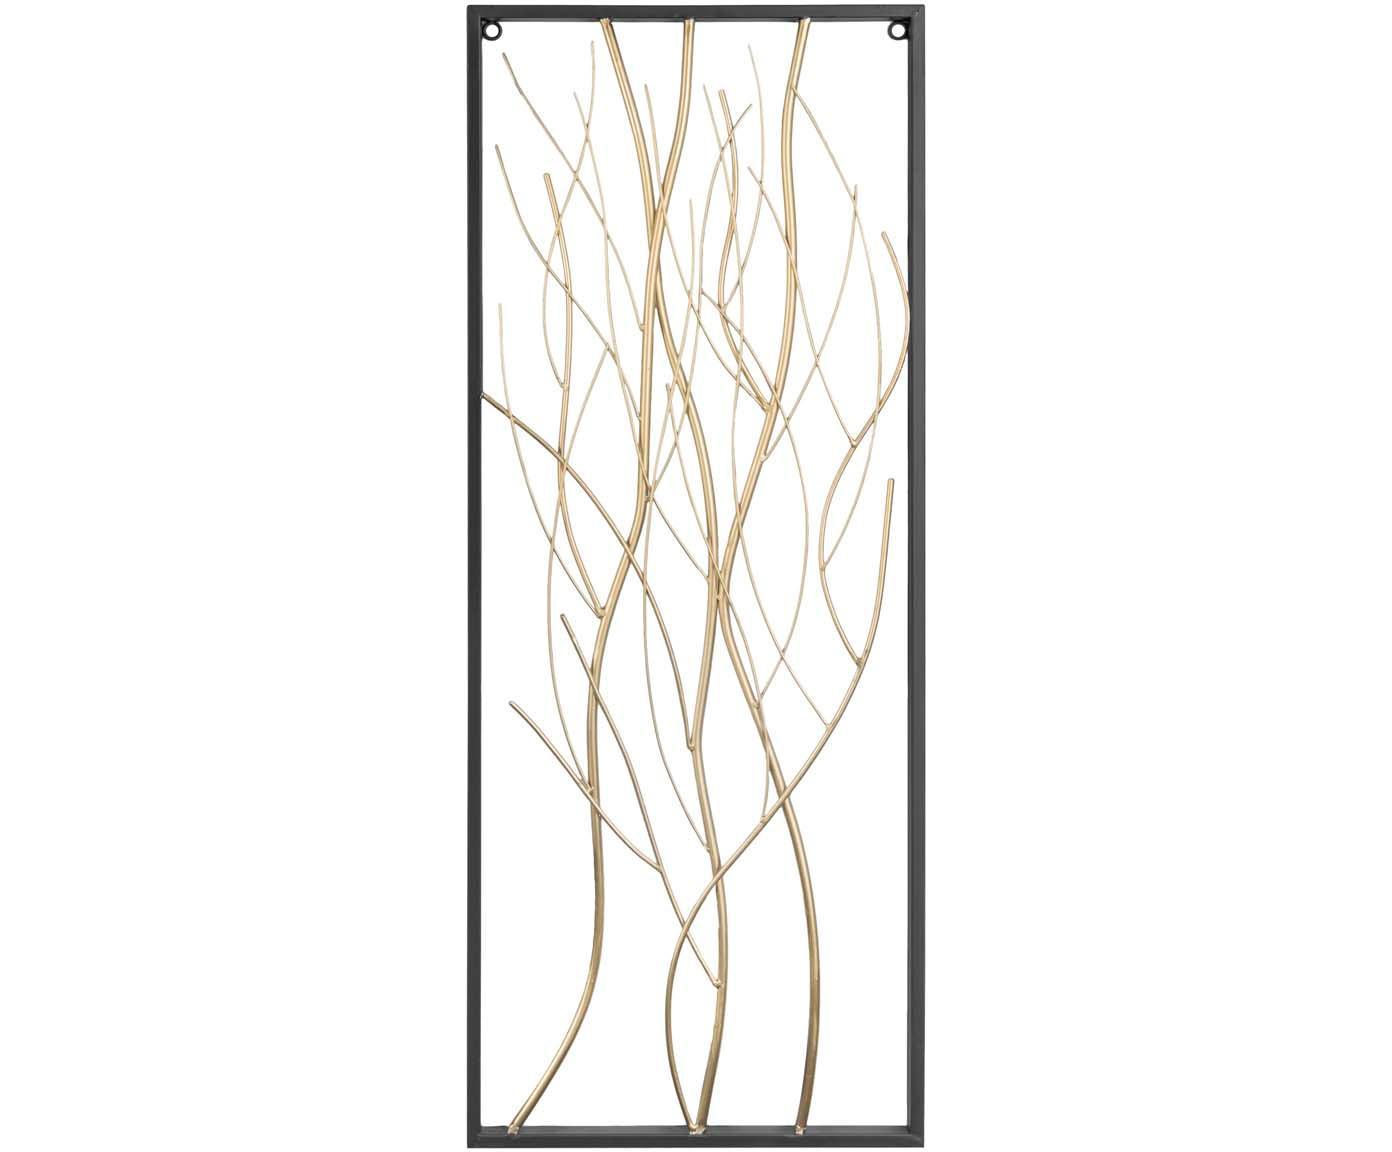 Wandobjekt Branches aus lackiertem Metall, Metall, lackiert, Schwarz, Messingfarben, Weiss, 33 x 85 cm